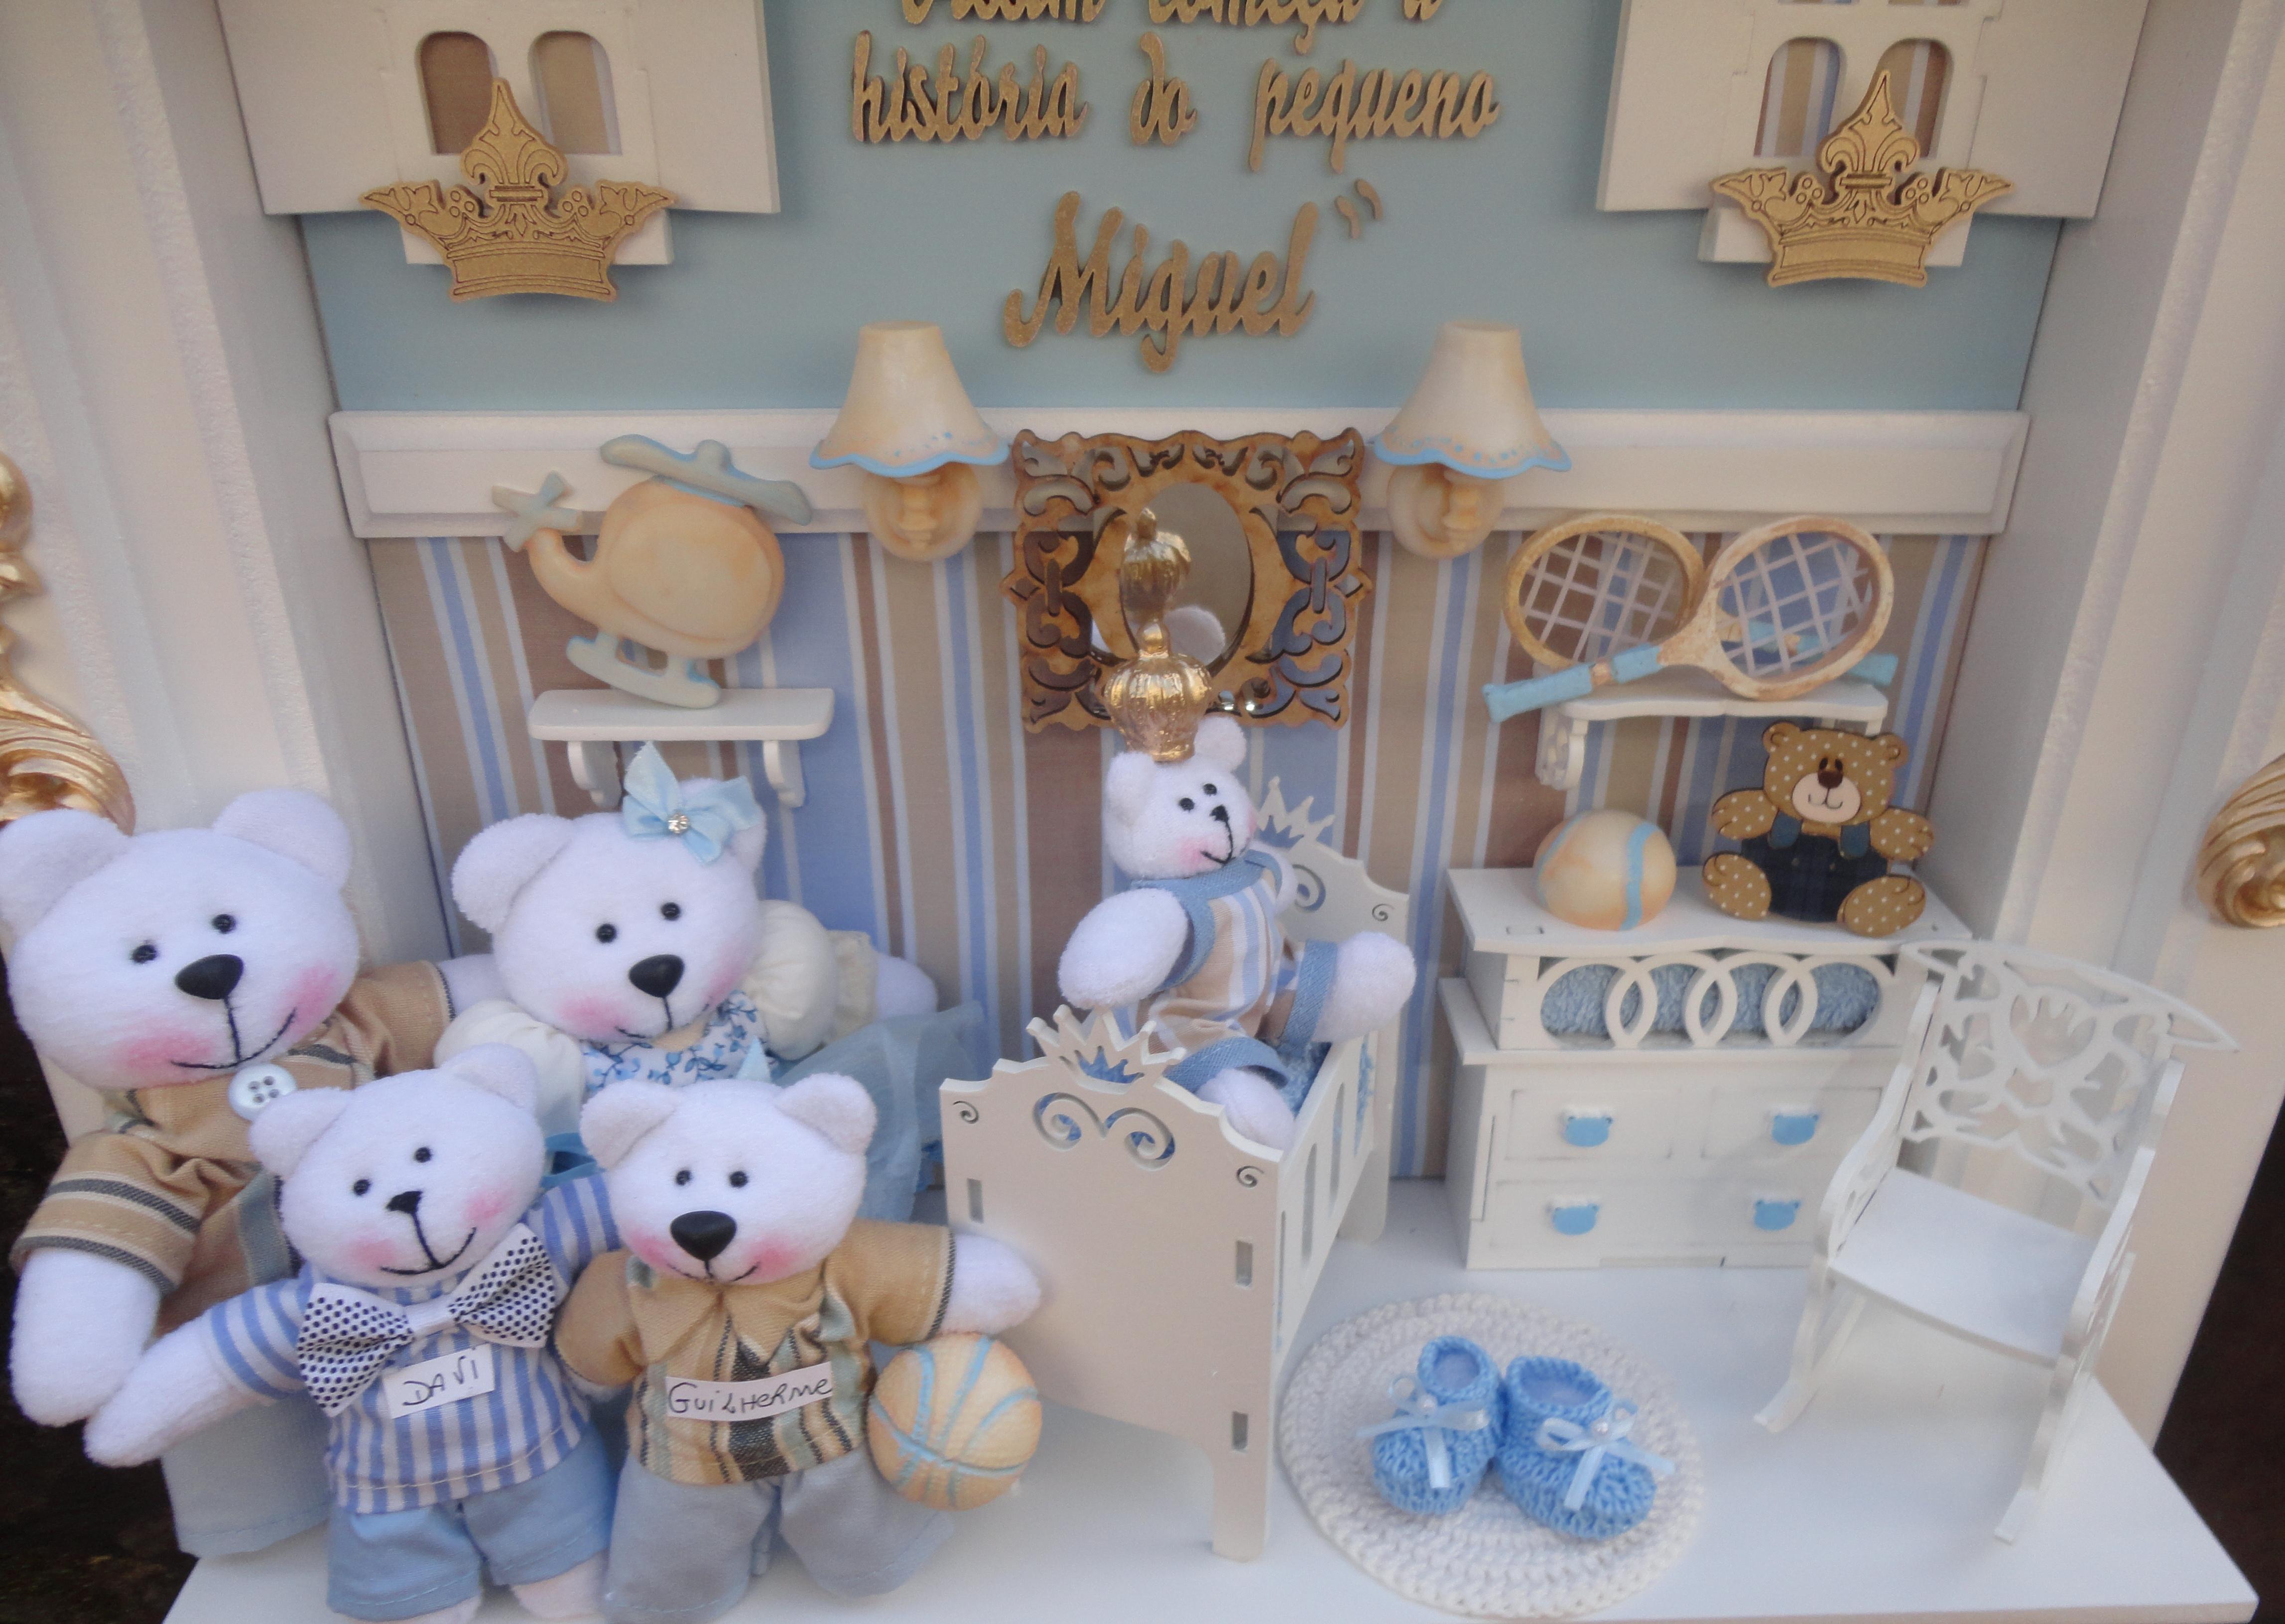 Quadro De Urso Para Quarto De Bebe ~ Quadro Maternidade Beb? Urso Rei Quadro Maternidade Beb? Urso Rei